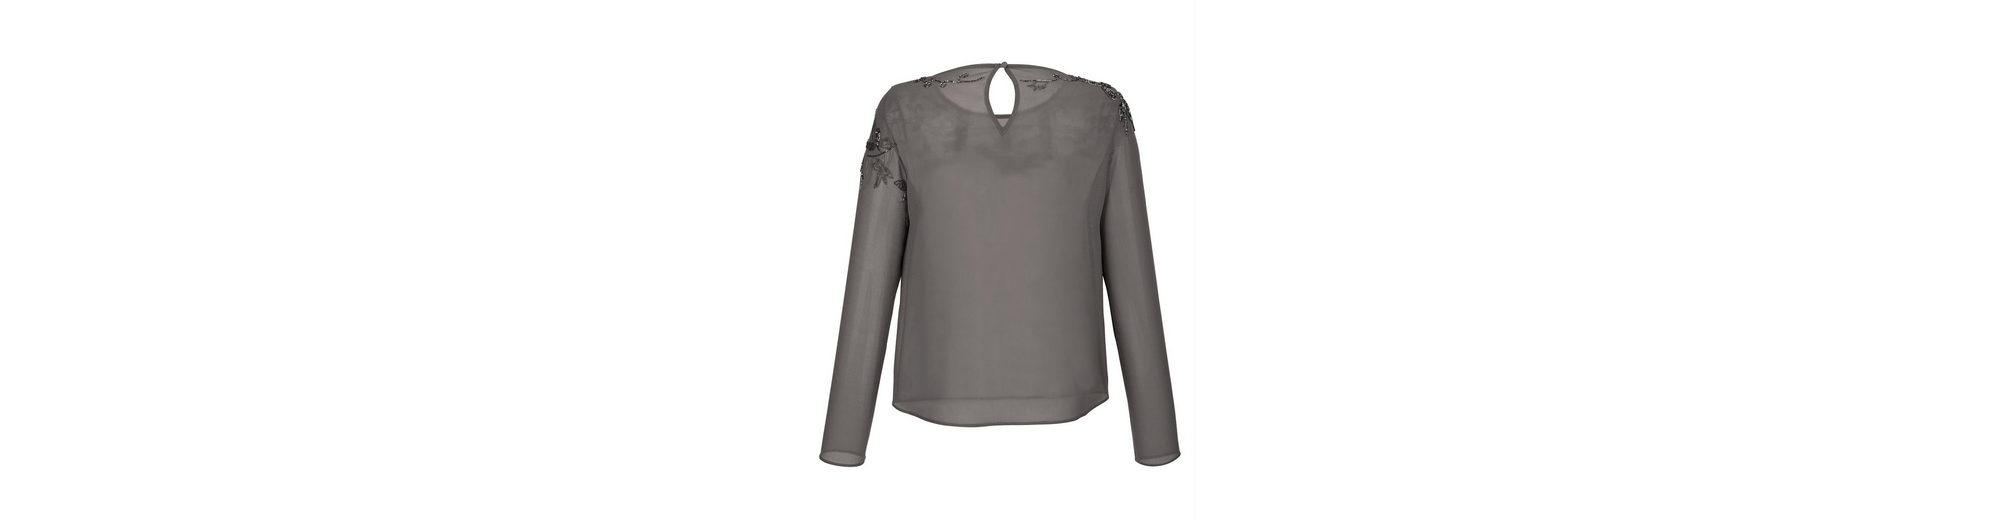 Alba Moda Bluse mit Zierperlenstickerei Neue Angebote Empfehlen Gemütlich Websites Online Verkauf Günstig Online m08Tg